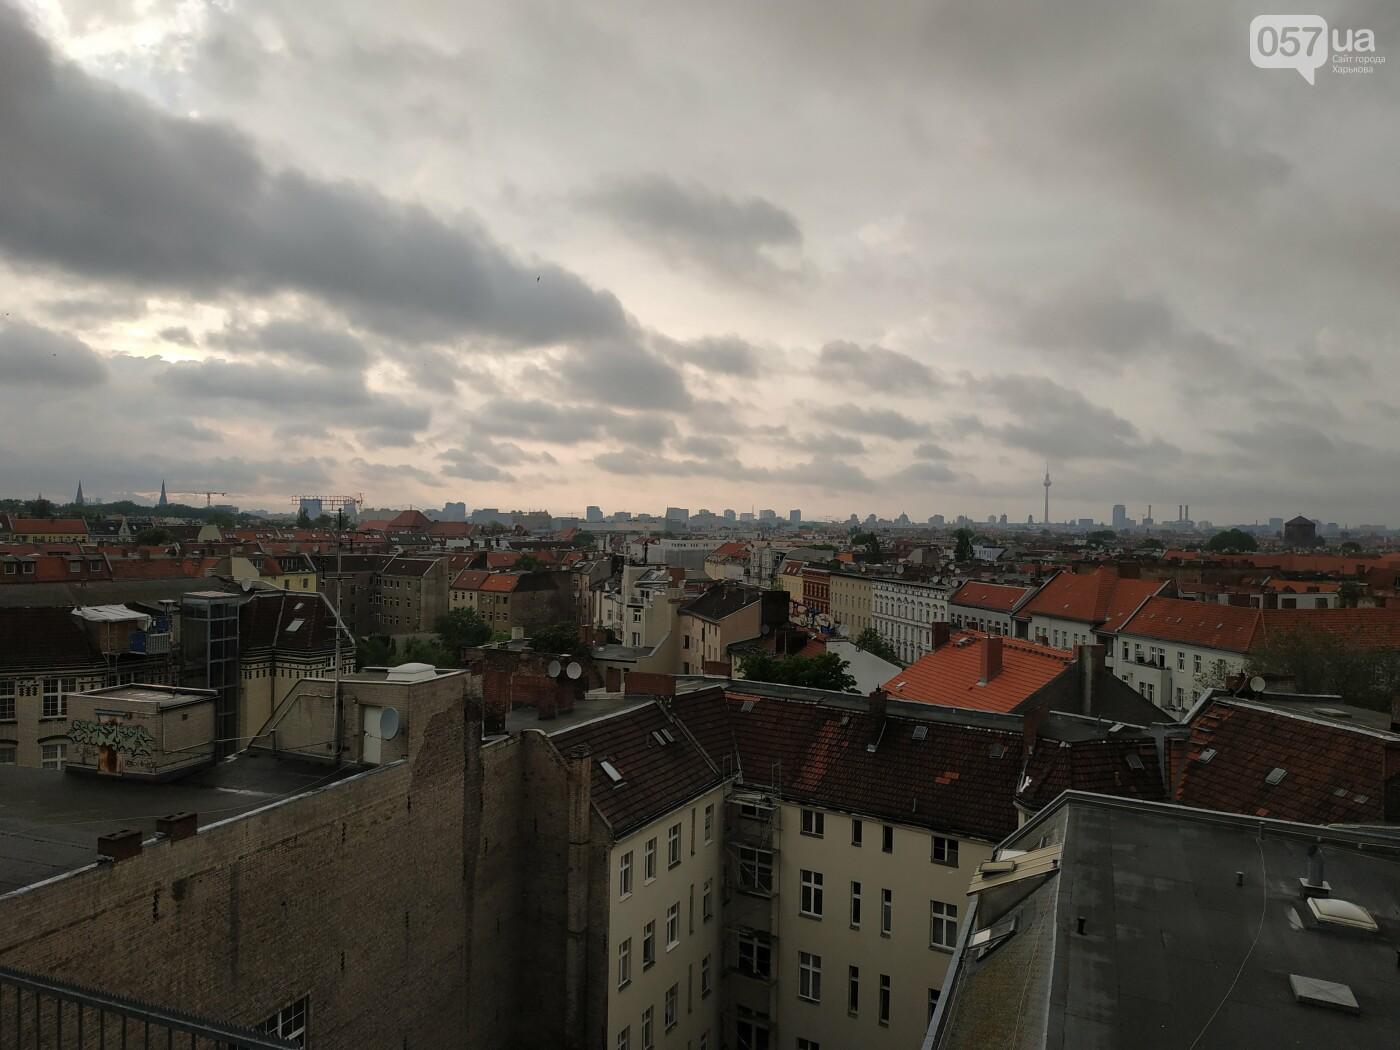 Из Харькова в Берлин: что посмотреть, где попробовать немецкую сосиску и в каком месте сделать крутое селфи, - ФОТО, фото-5